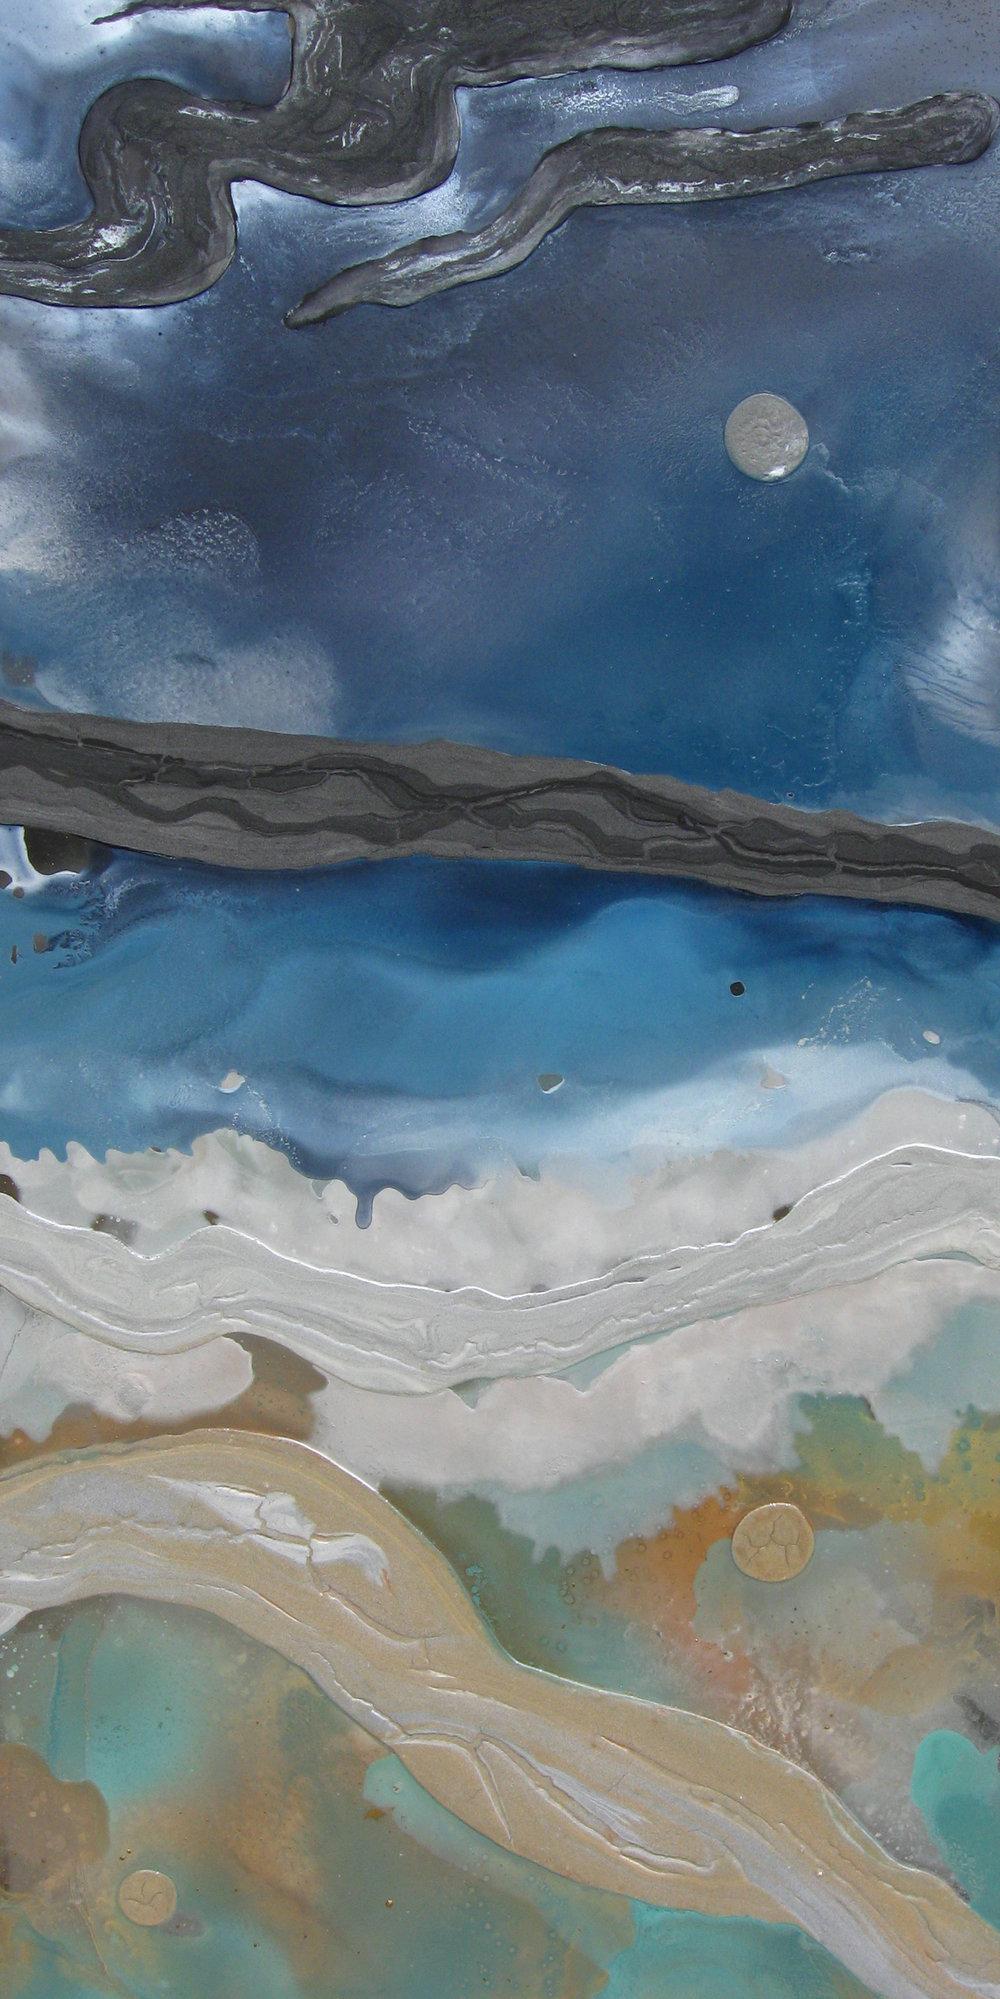 OceanStorm 387.jpg